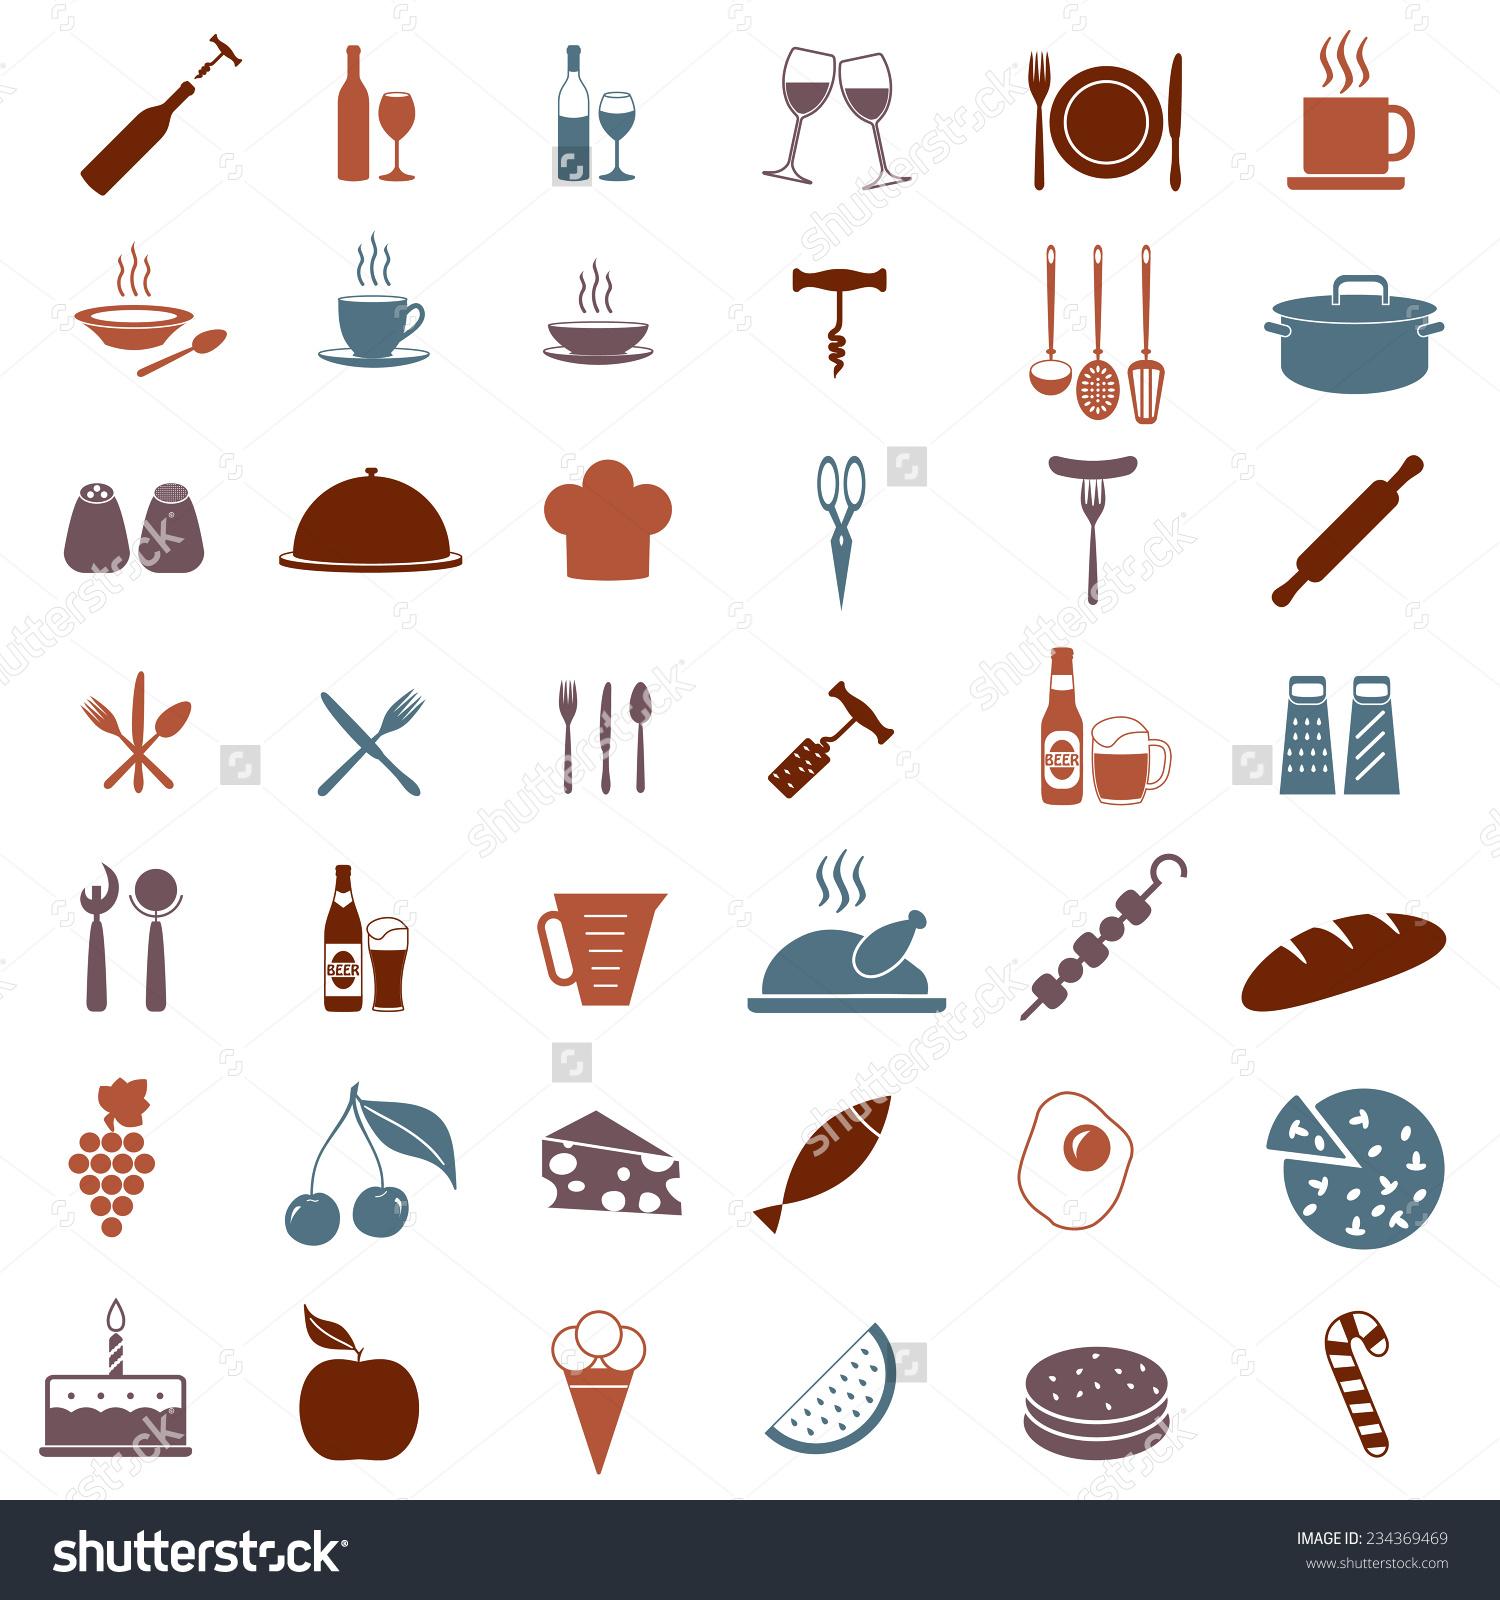 Restaurant Kitchen Toolste kitchen equipment - destroybmx